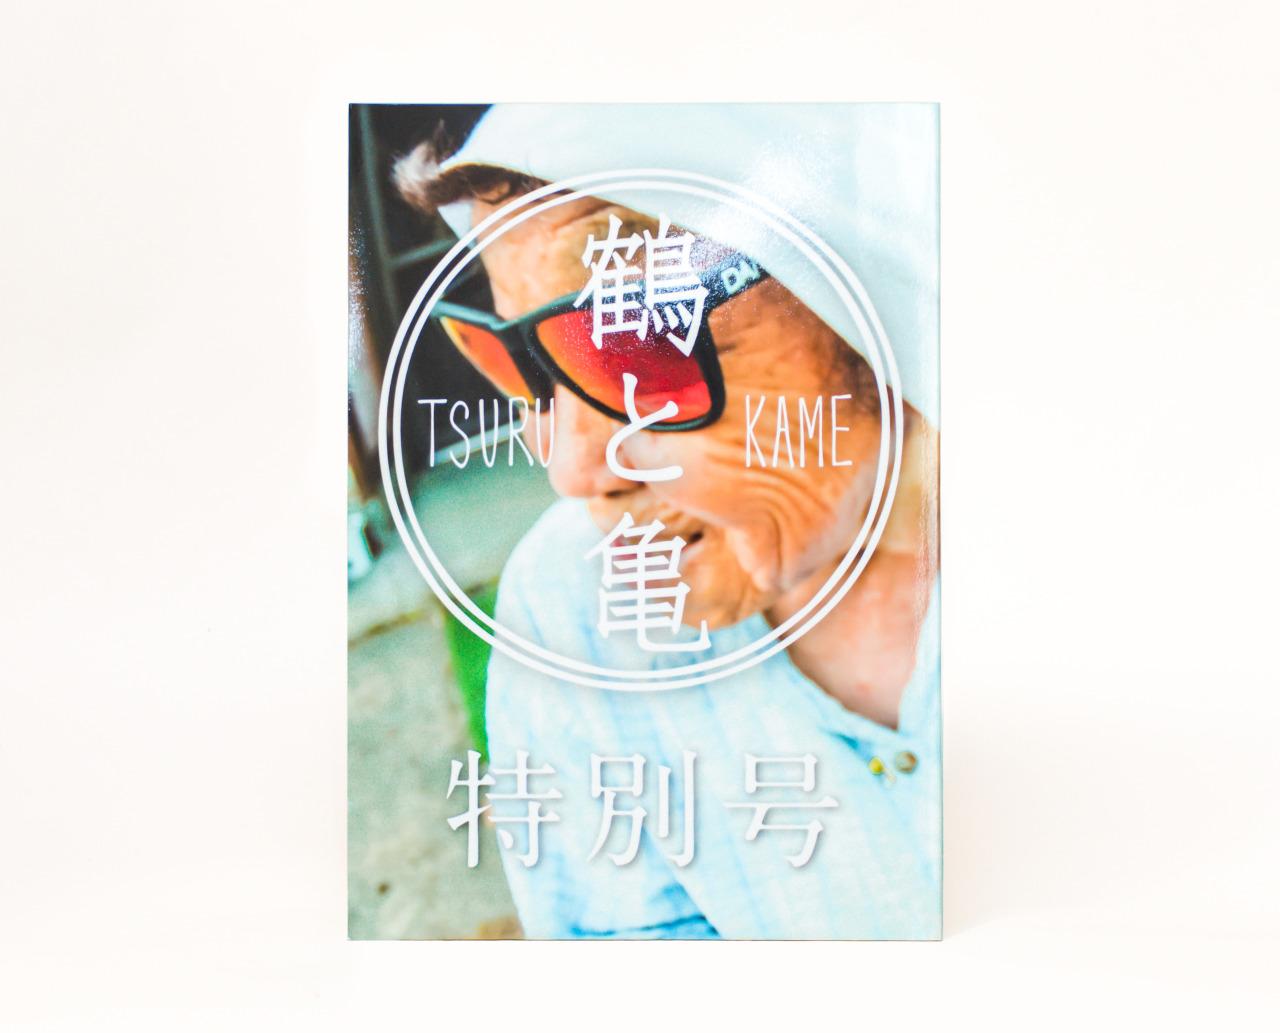 第壱号+第弐号+第参号+未公開写真が合本になった「鶴と亀特別号」も販売しています。